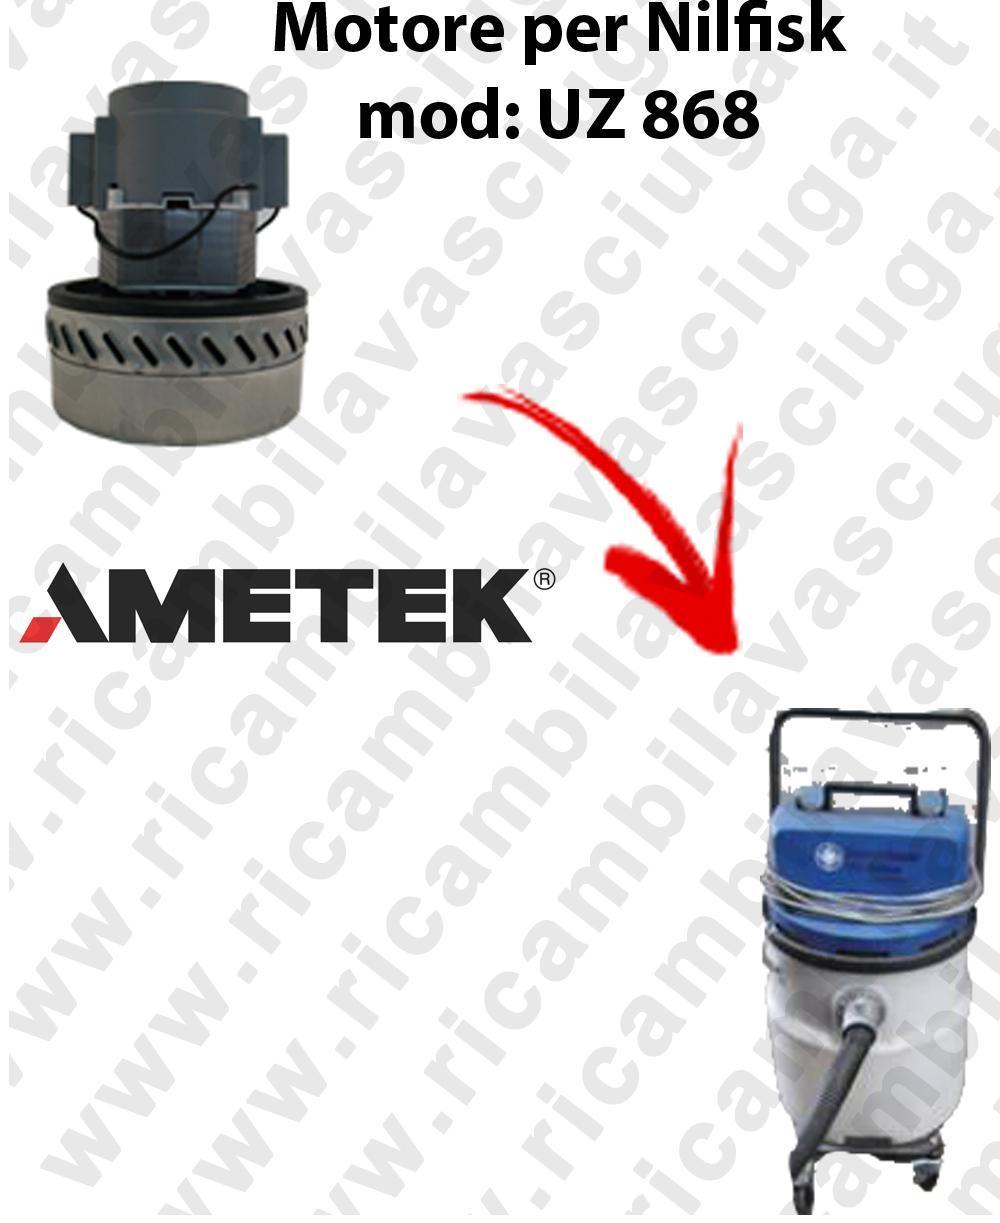 UZ 868 MOTEUR ASPIRATION AMETEK  pour aspirateur NILFISK